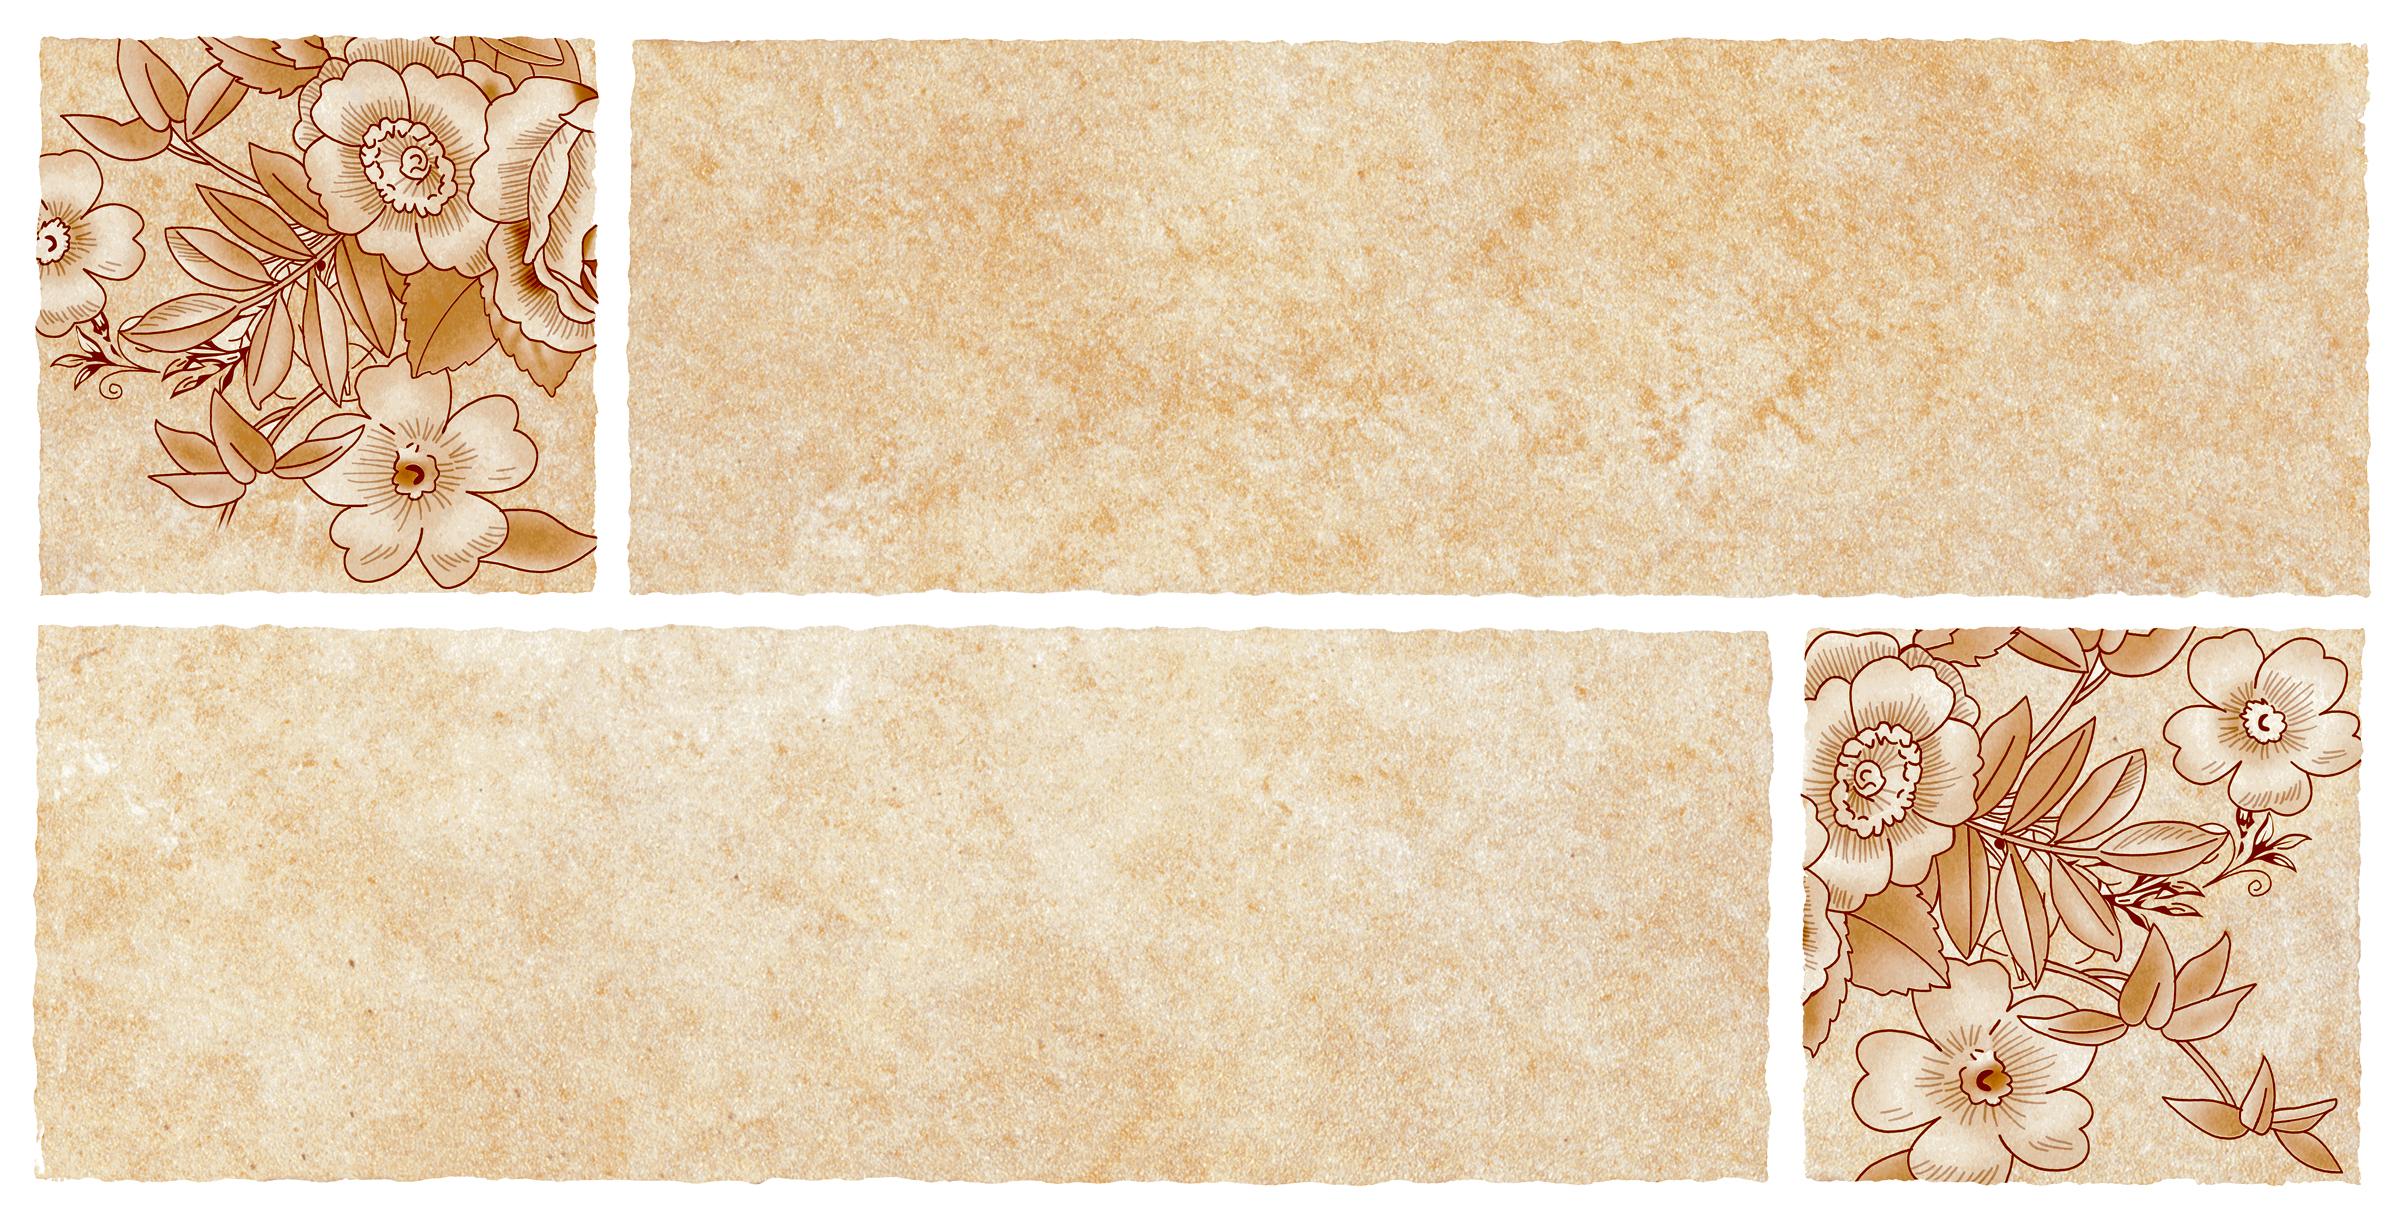 类型:瓷片 本店分类:普通300x600-3060 规格:600x300 适用范围:墙地砖 适用风格:中式,美式,欧式,日韩,地中海,现代,简约,古典,田园 --> 适用空间:室内,厨卫,阳台,内墙,外墙,广场砖 -->